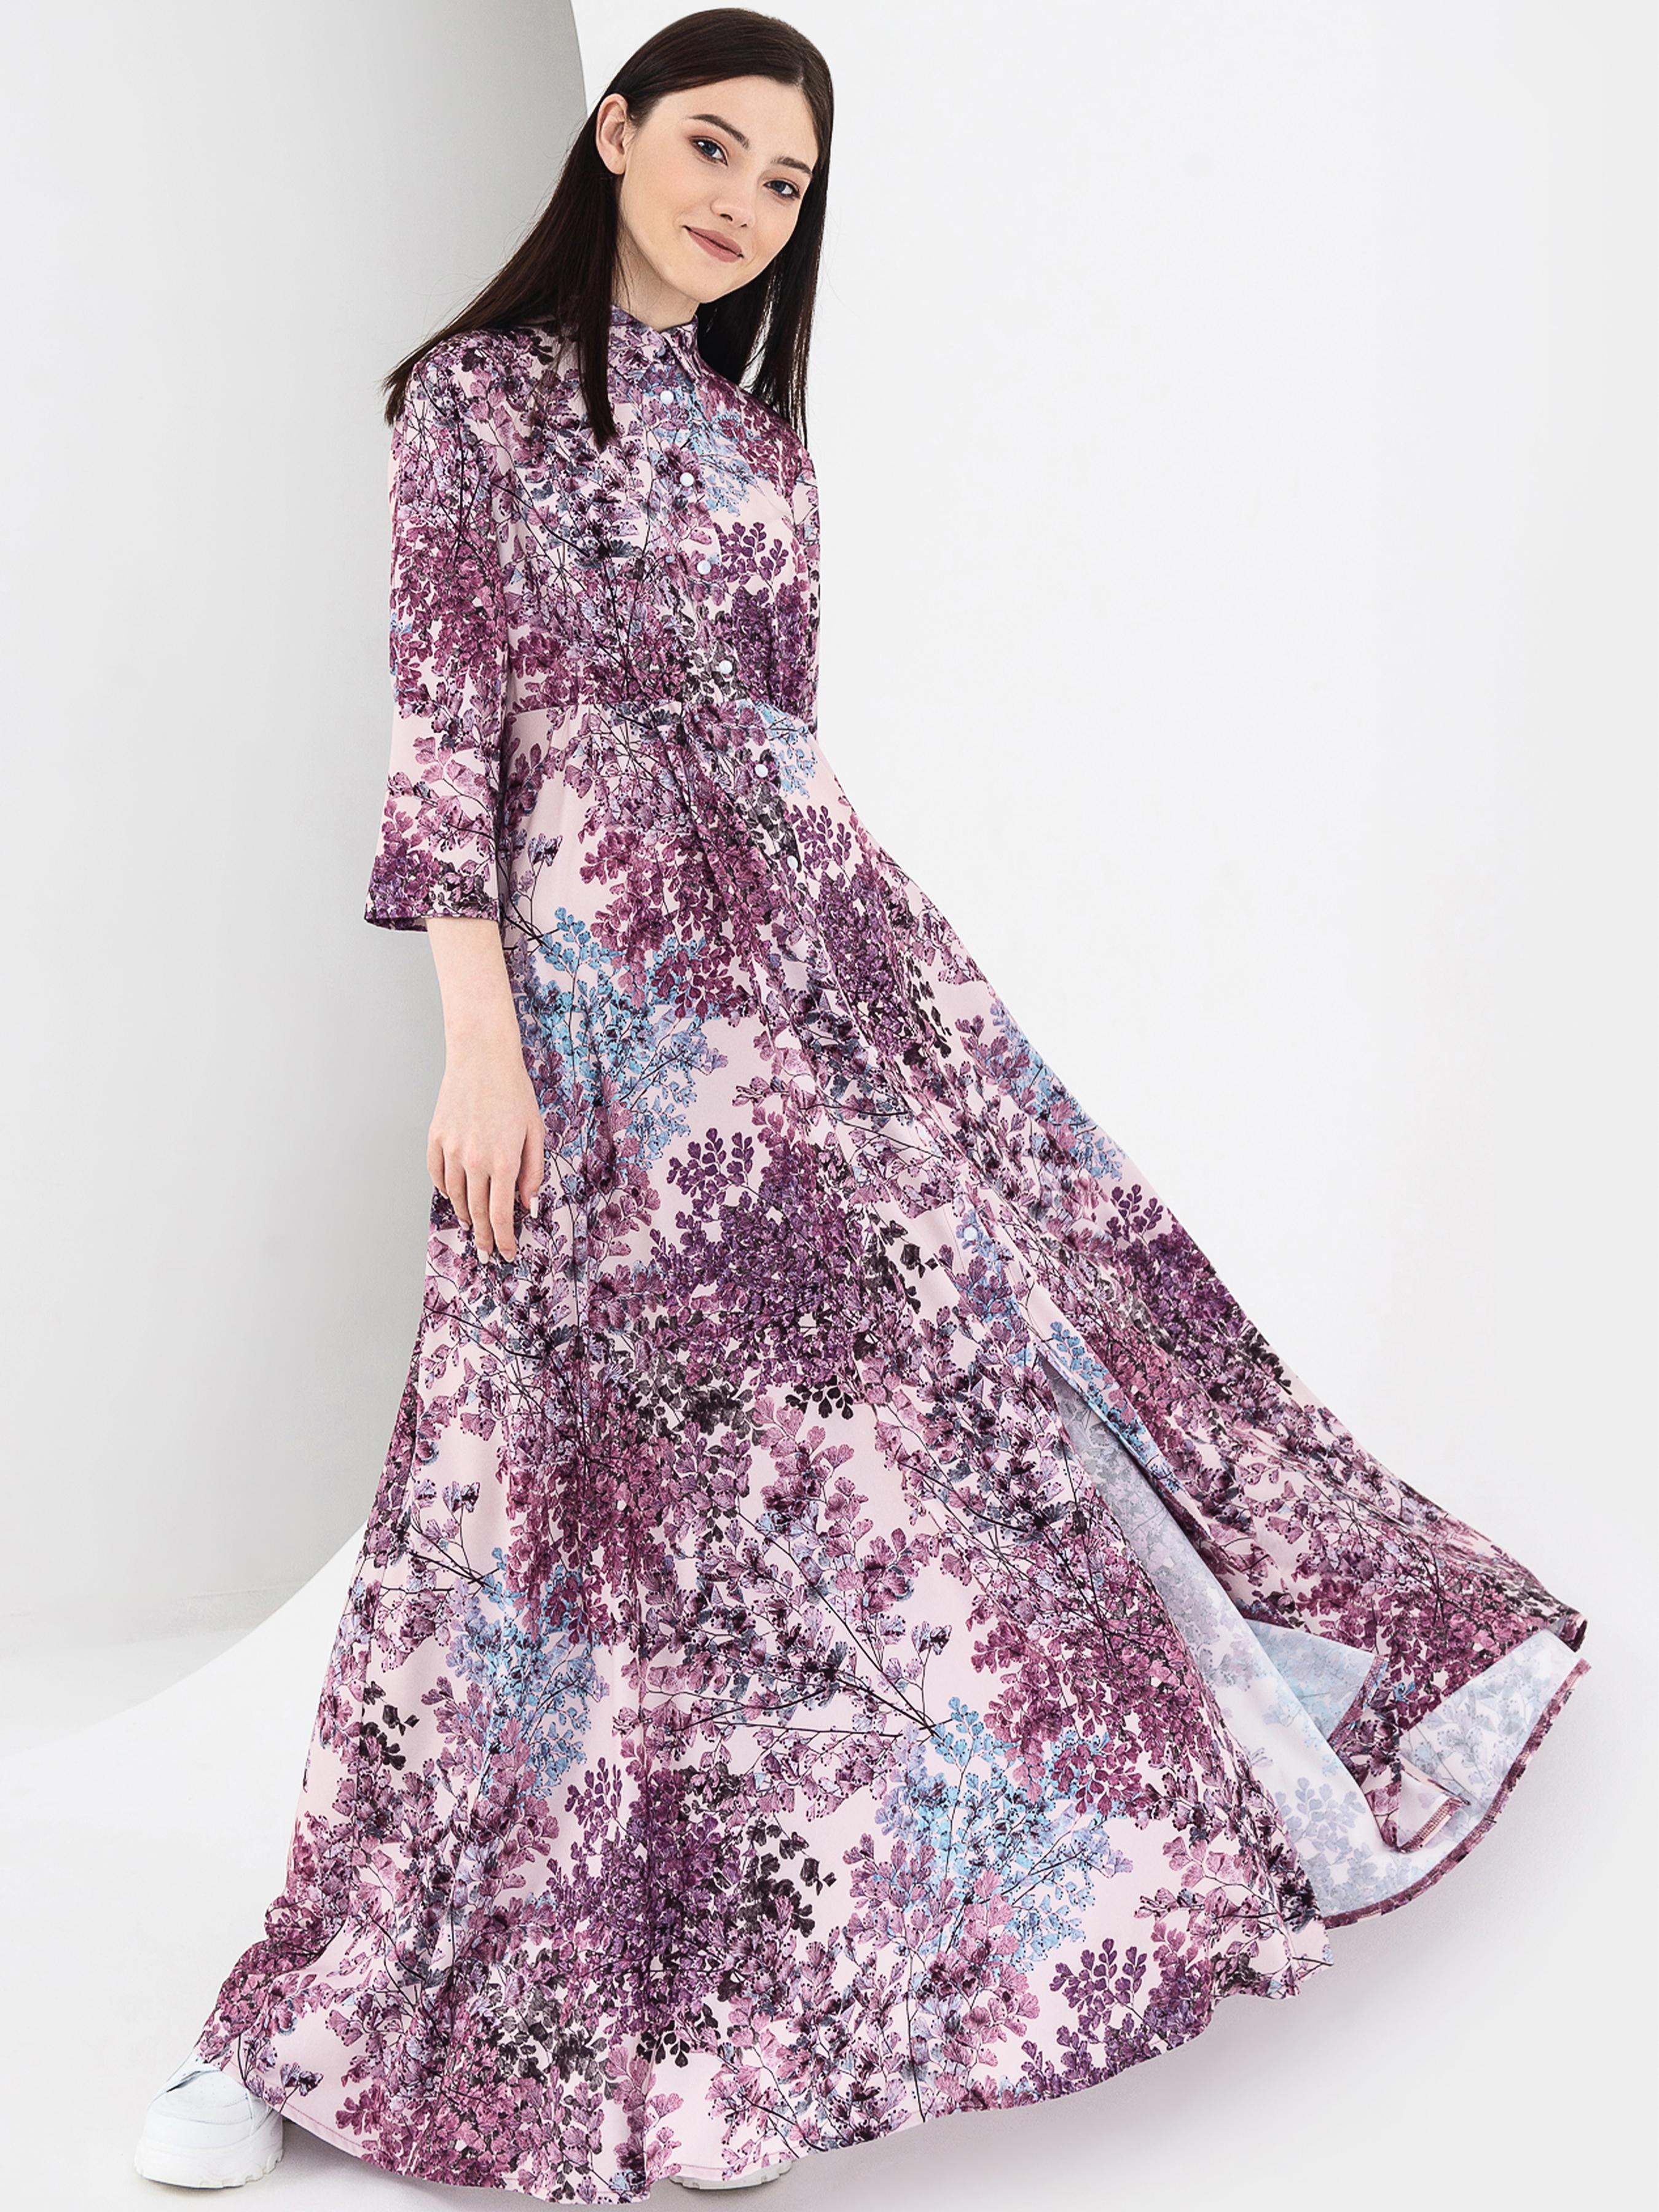 Купить Платье женское VOVK модель 08117 принт, Многоцветный